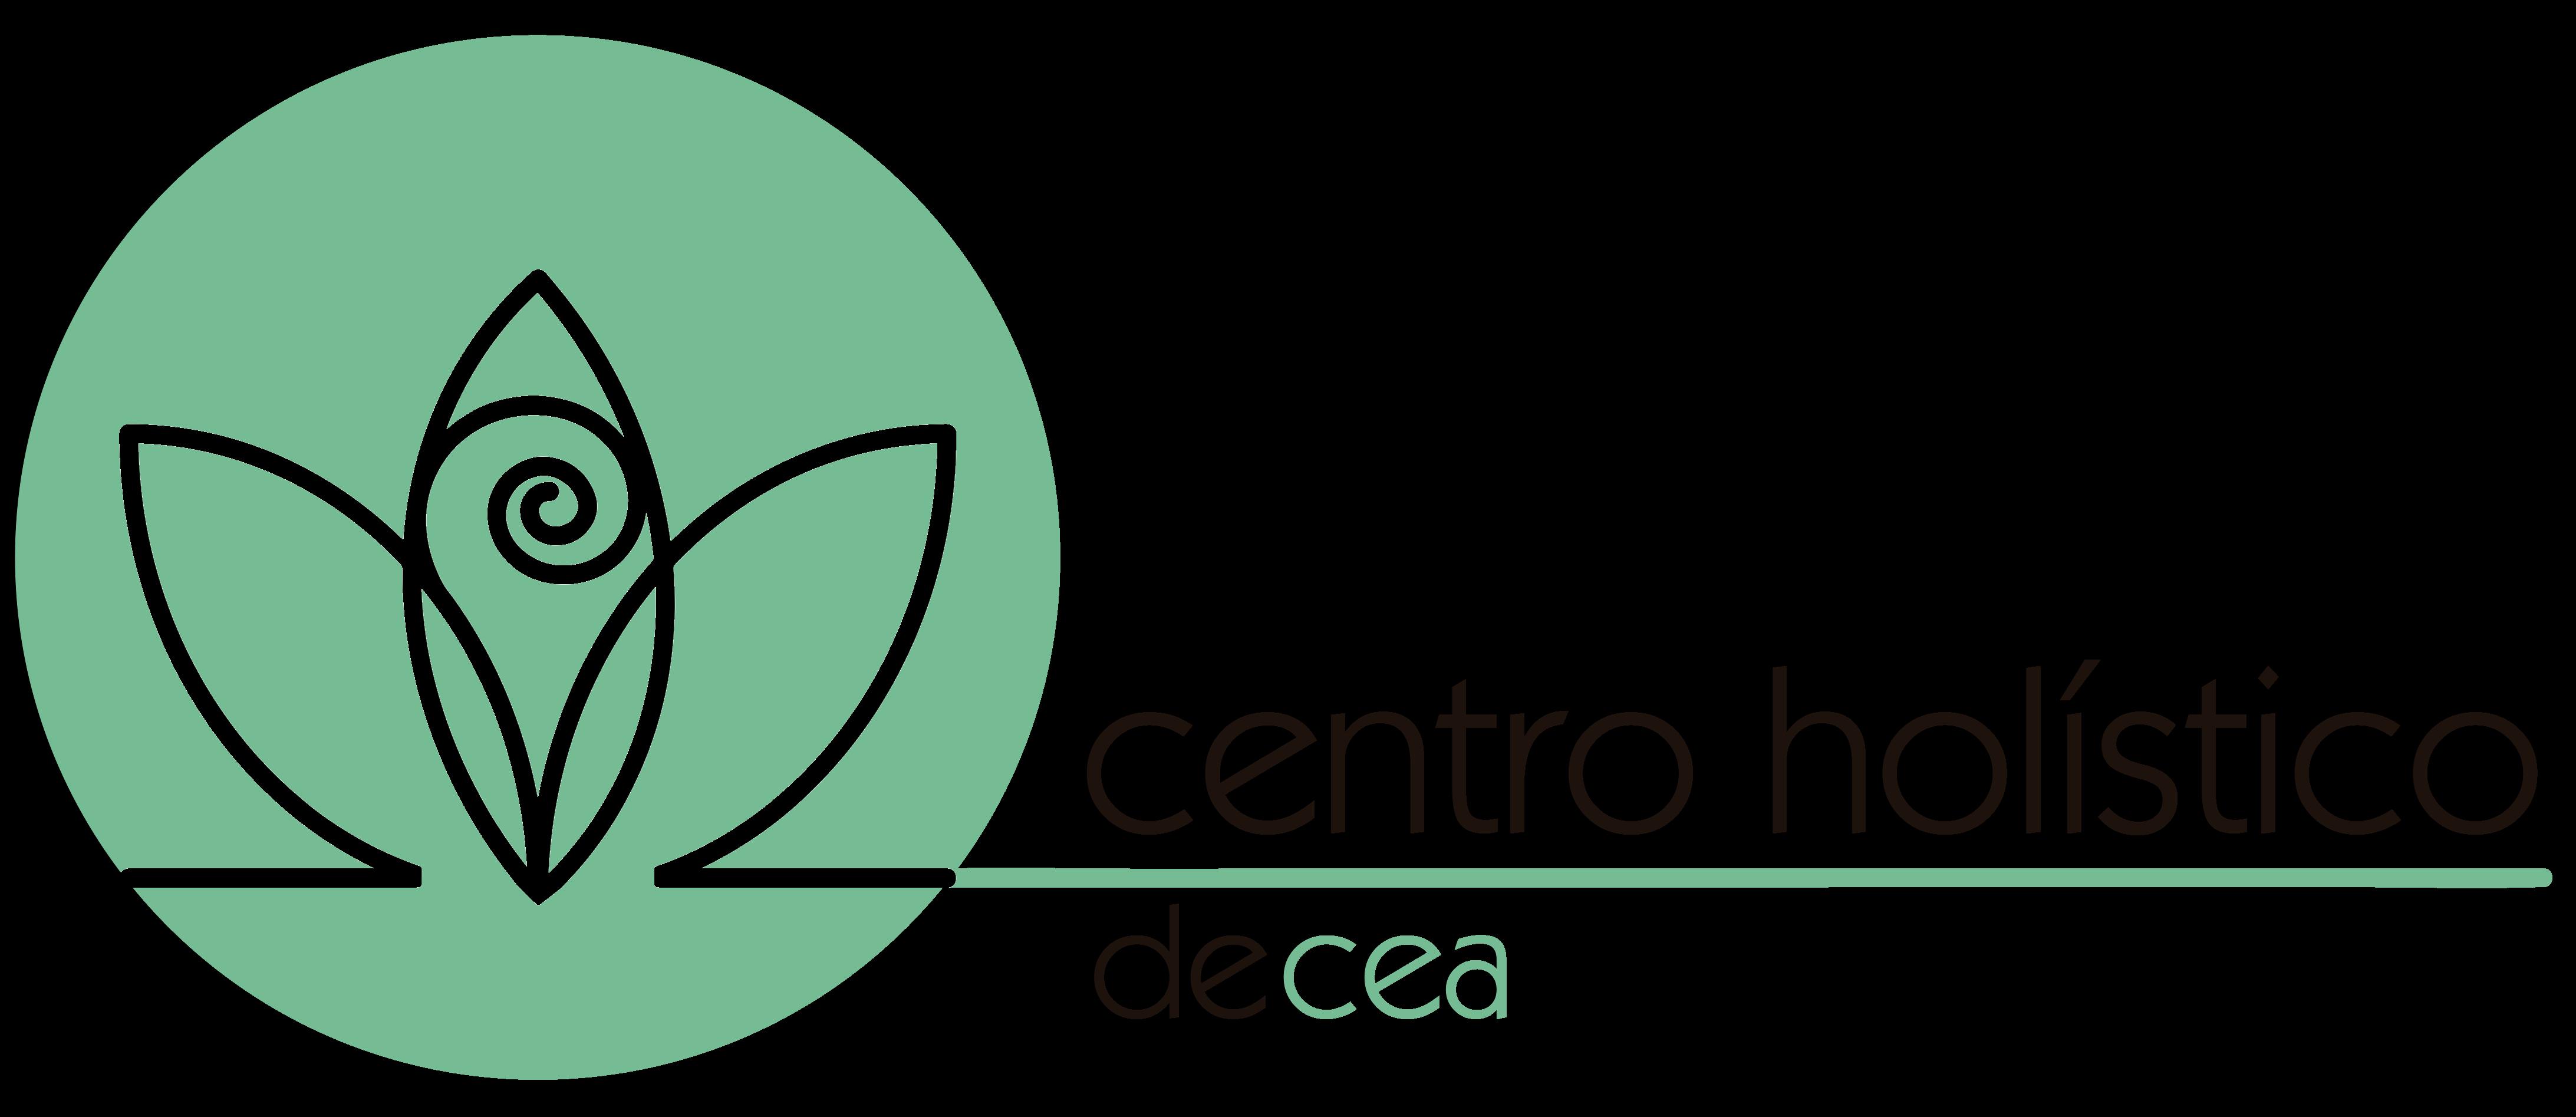 CENTRO HOLÍSTICO DE CEA